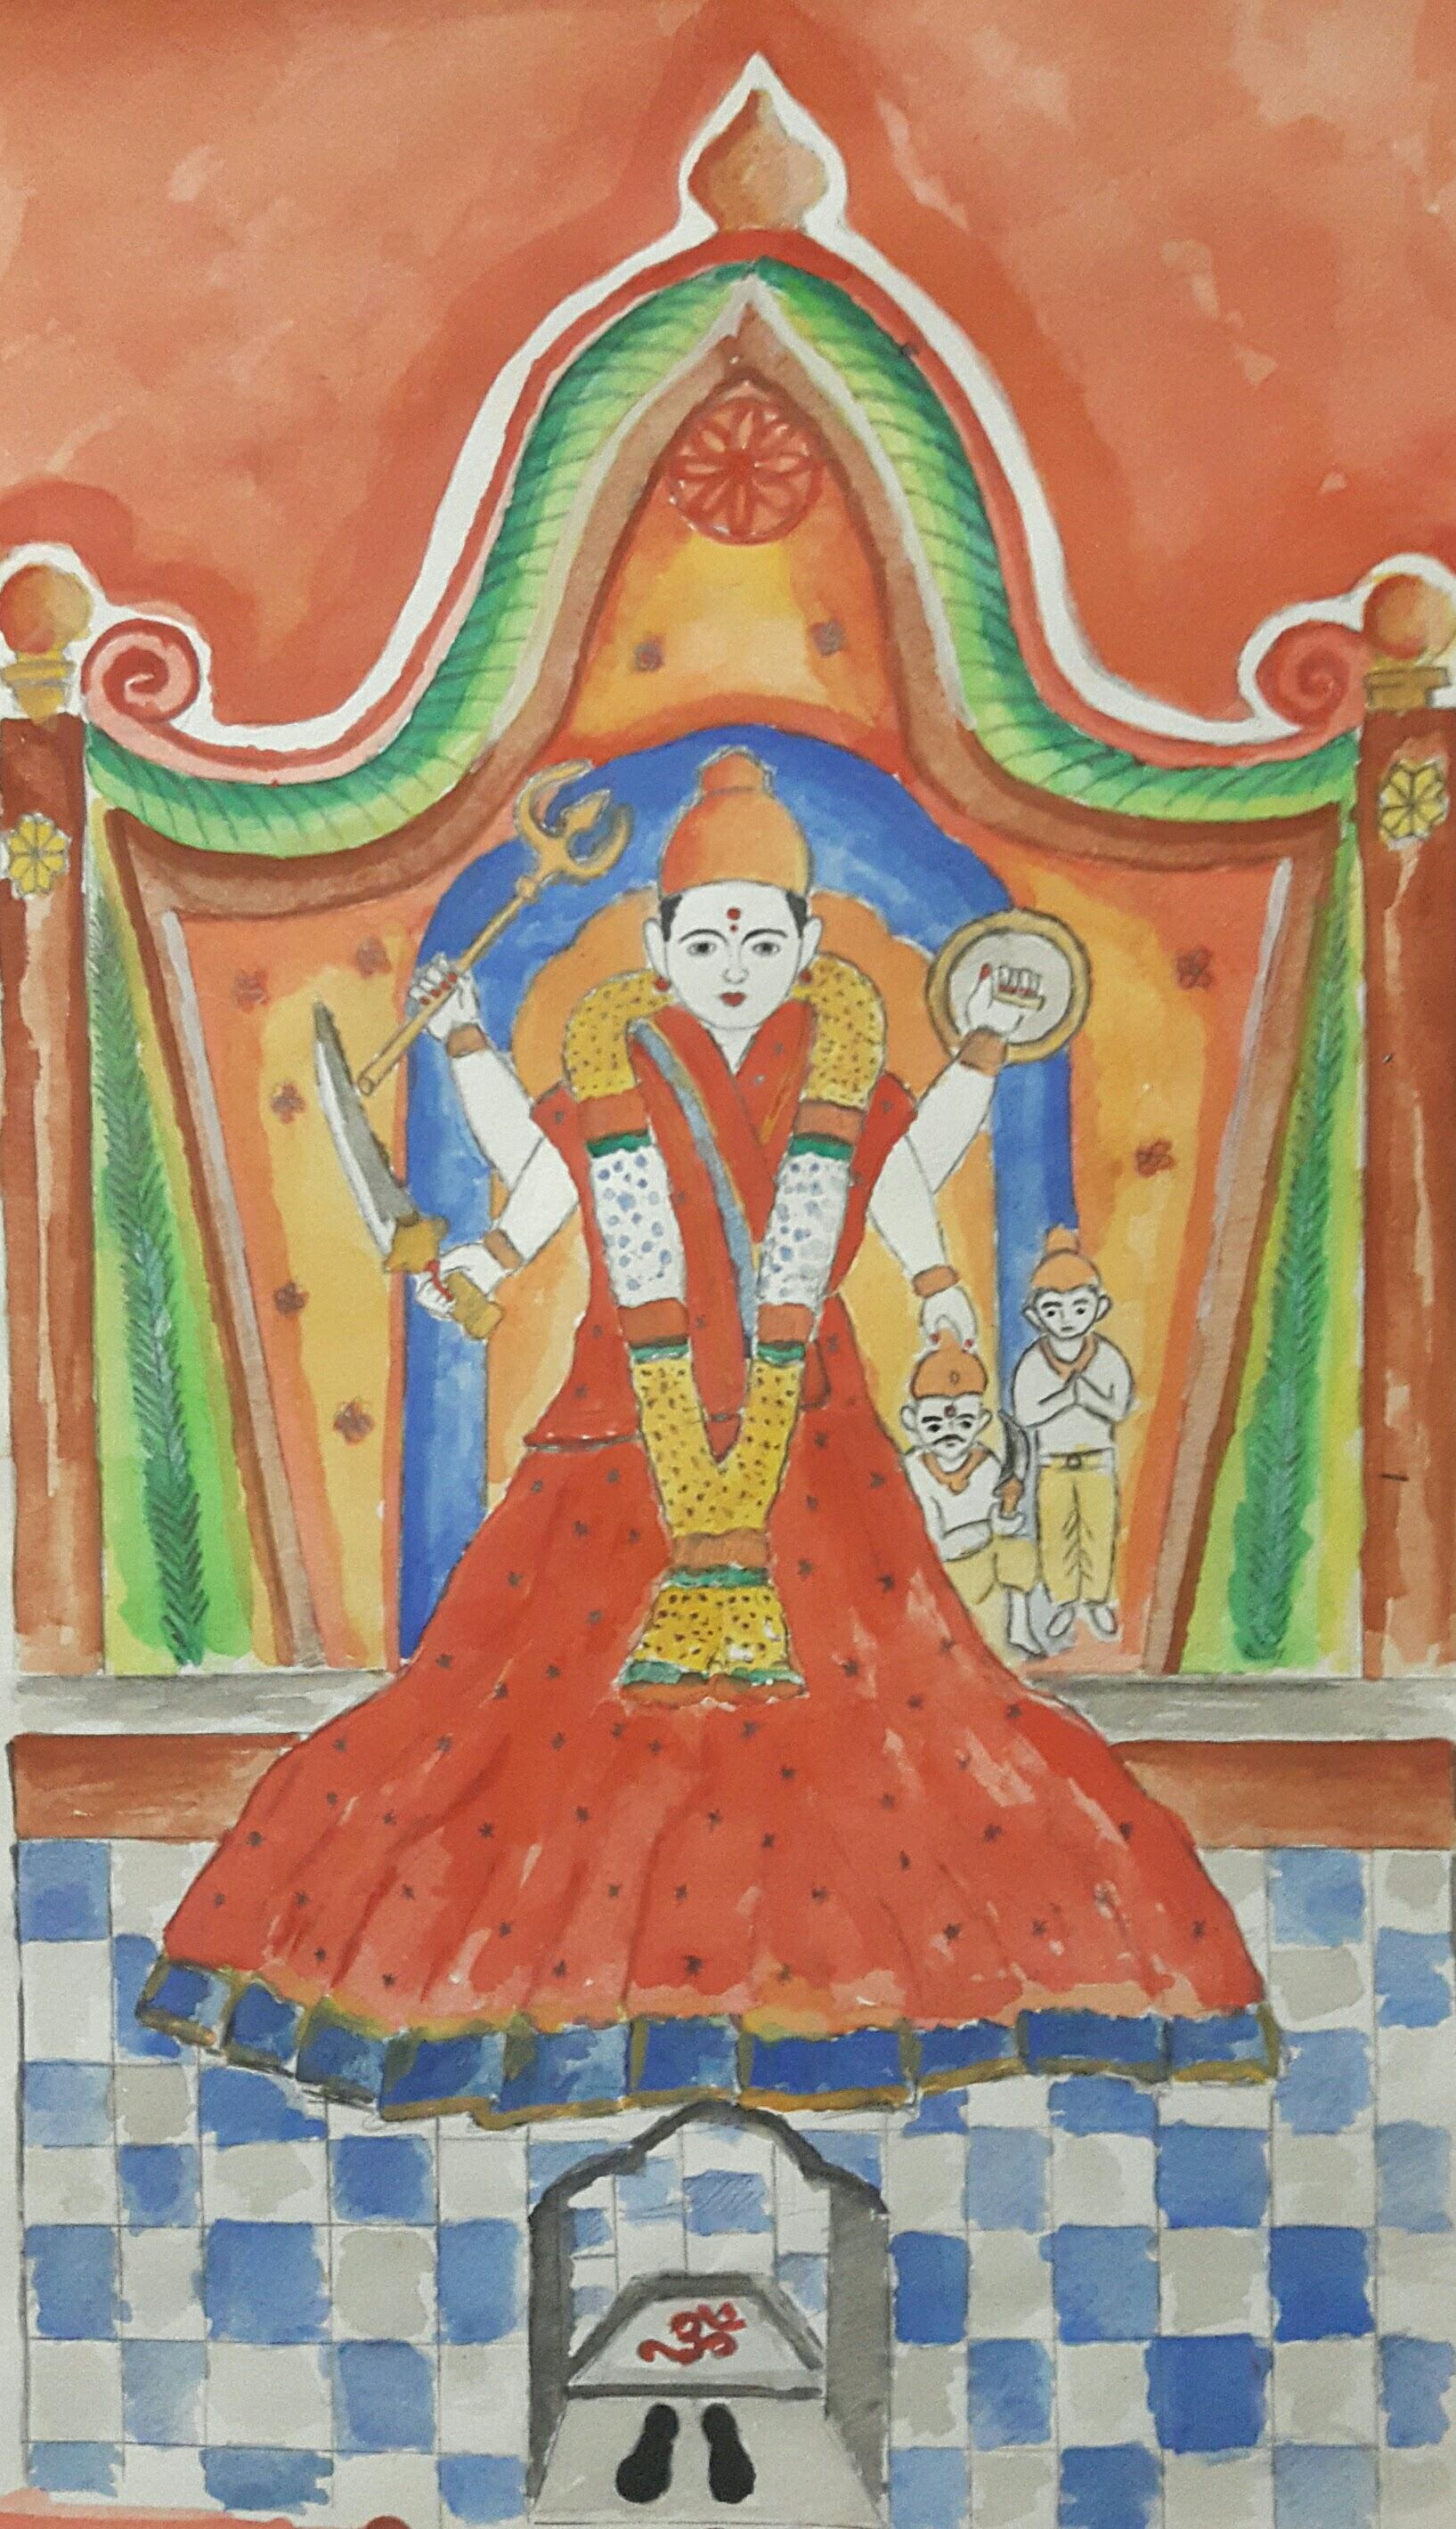 श्री आर्यादुर्गा देवी महात्म्य